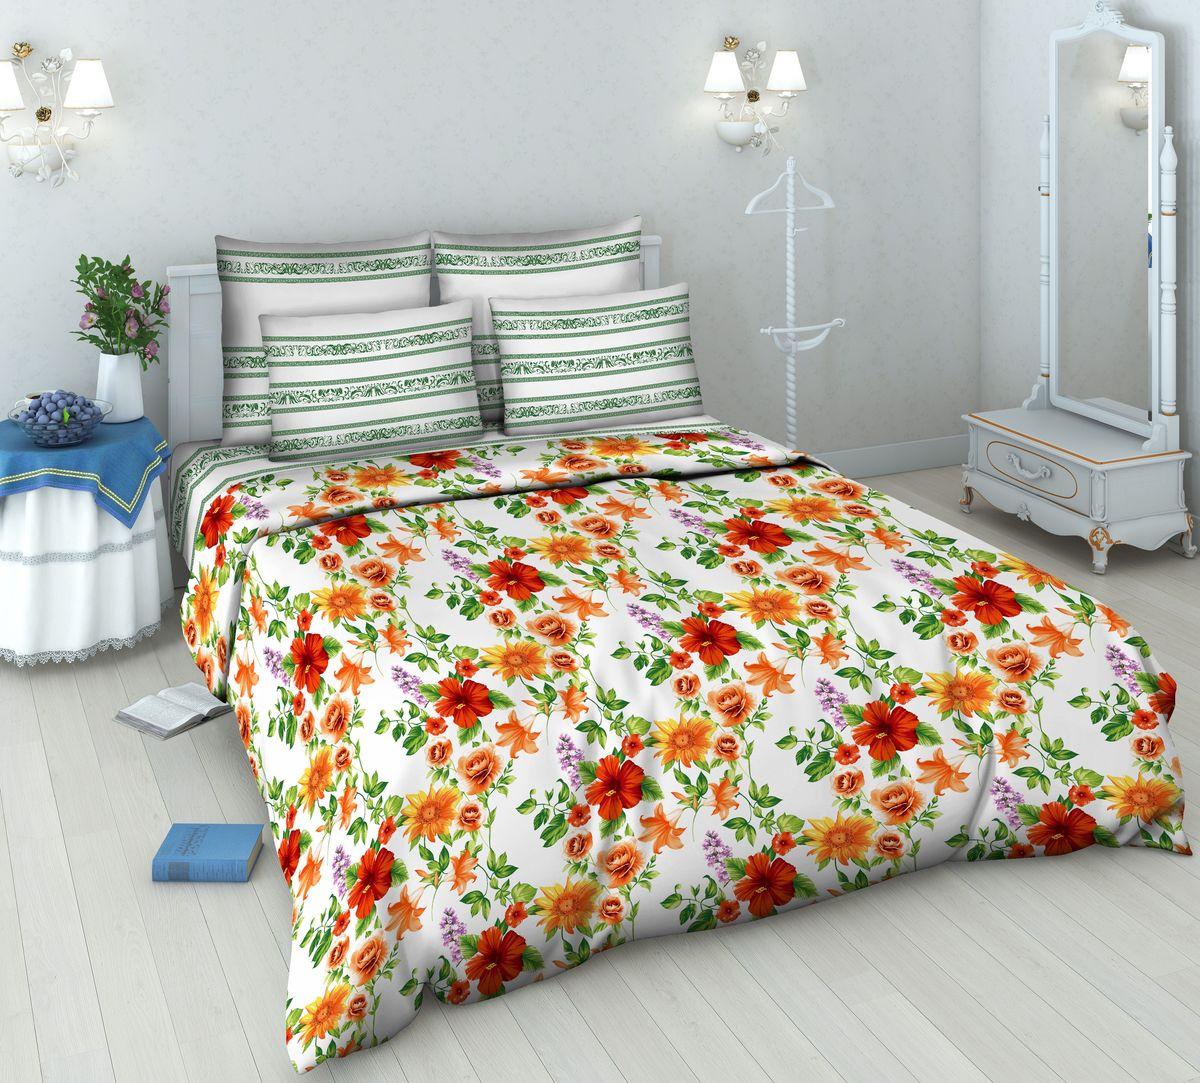 Комплект белья Василиса Цветочное ассорти, 2-спальный, наволочки 70х70, цвет: белый, зеленый, красный5485/2Комплект постельного белья Василиса Цветочное ассорти состоит из пододеяльника, простыни и двух наволочек. Дизайн - цветочный. Белье изготовлено из бязи (100% хлопка) - гипоаллергенного, экологичного, высококачественного, крупнозакрученного волокна, благодаря чему эта ткань мягкая, нежная на ощупь и очень прочная, не образует катышков на поверхности. При соблюдении рекомендаций по уходу, это белье выдерживает много стирок (более 70), не линяет и не теряет свою первоначальную прочность. Уникальная ткань обеспечивает легкую глажку. Приобретая комплект постельного белья Василиса Цветочное ассорти, вы можете быть уверенны в том, что покупка доставит вам удовольствие и подарит максимальный комфорт.